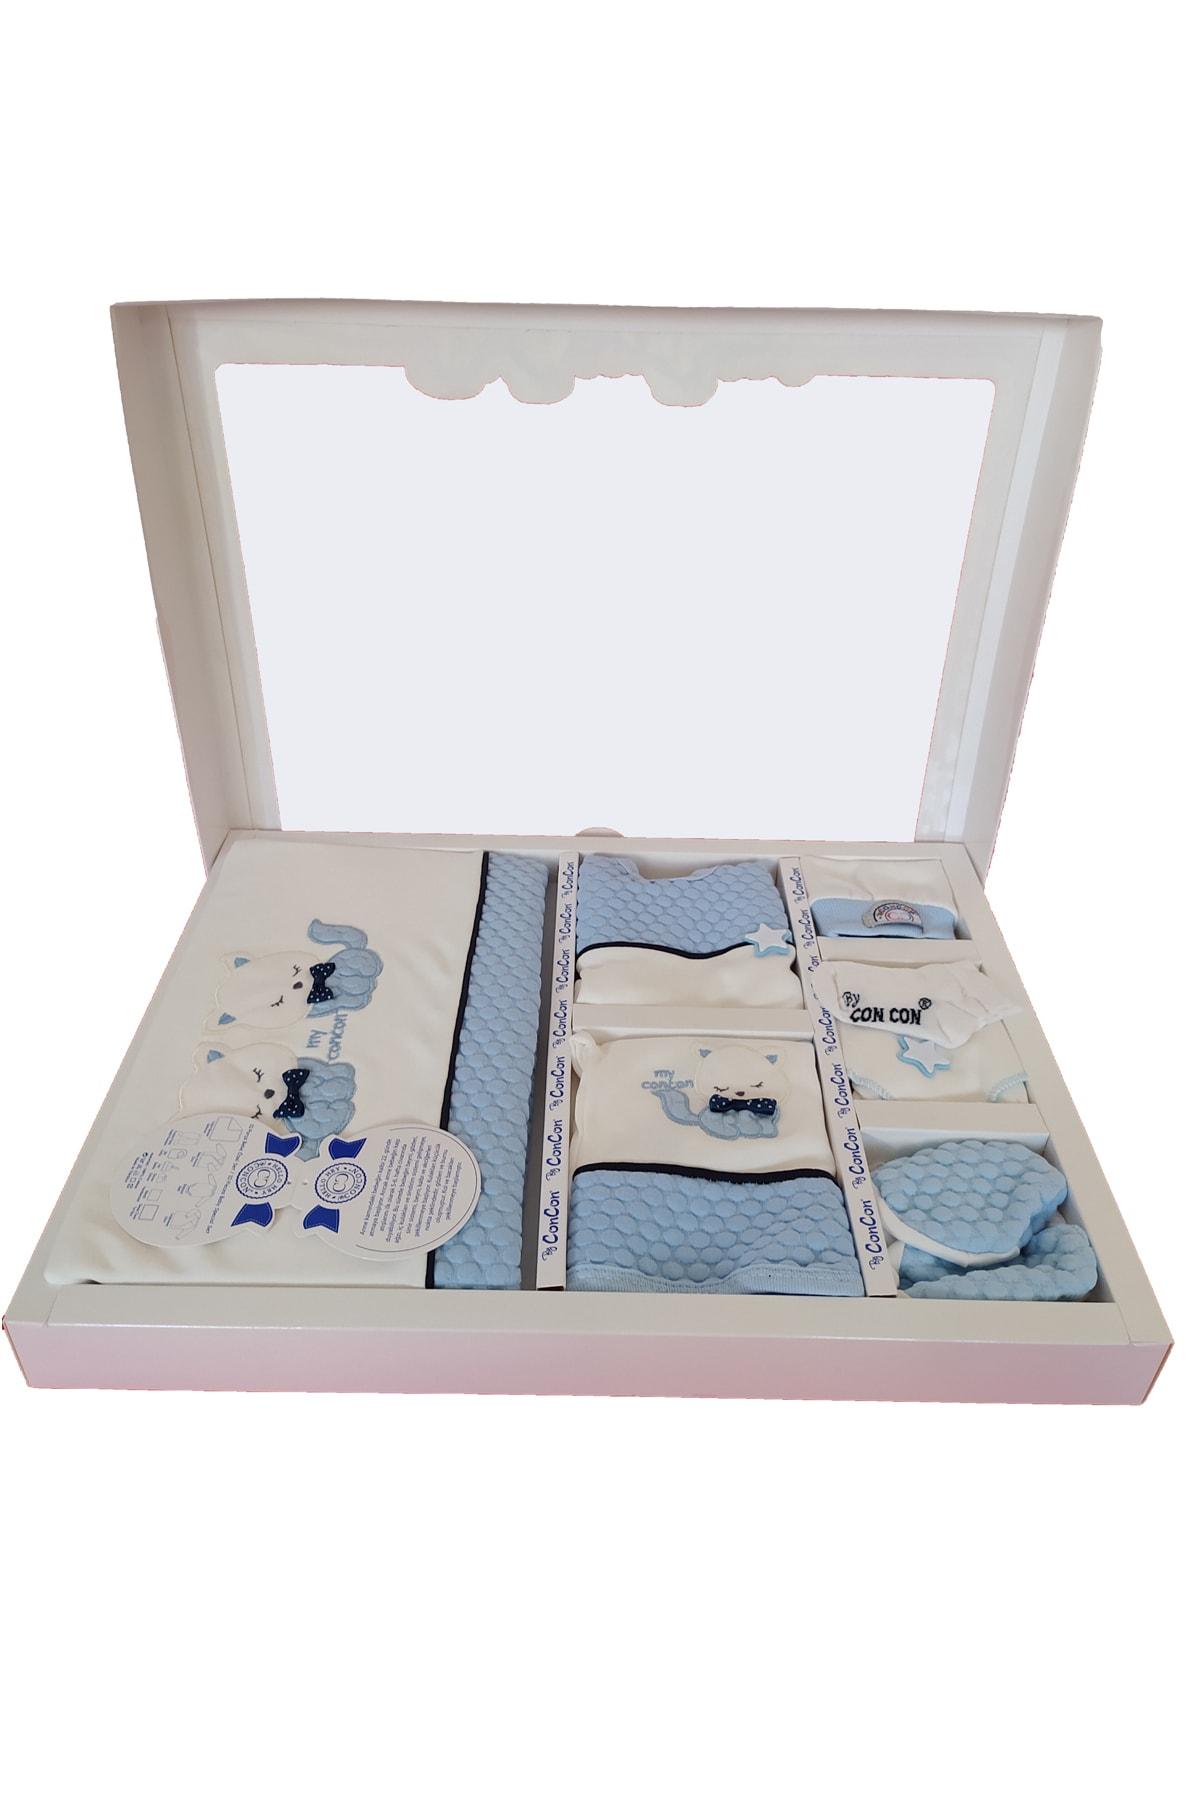 TangModa Yeni Doğan Mavi 0 Ila 3 Ay Hediyelik Erkek Bebek Kıyafeti 10 Parça Hastane Çıkışı 1